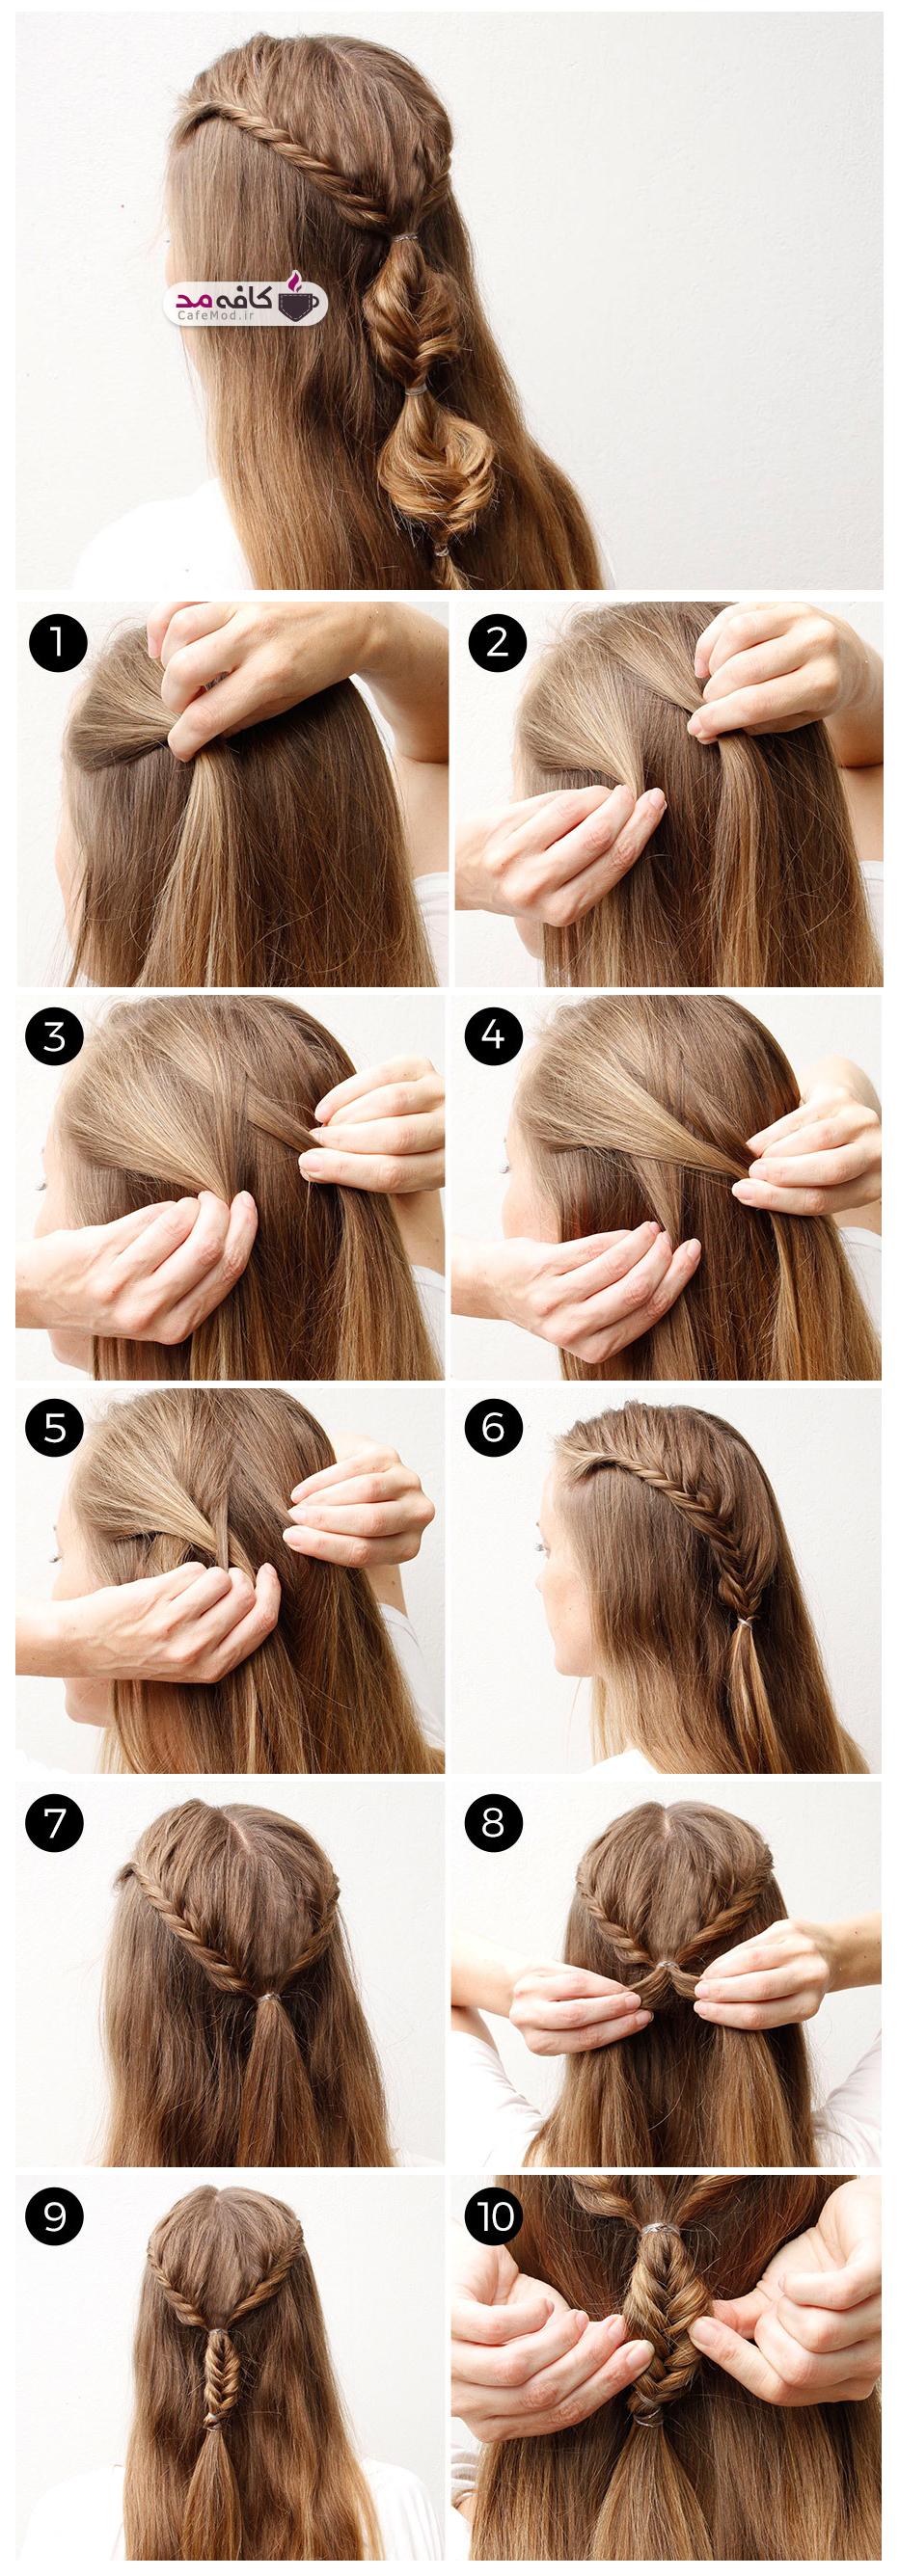 آموزش بافت موی بلند دخترانه